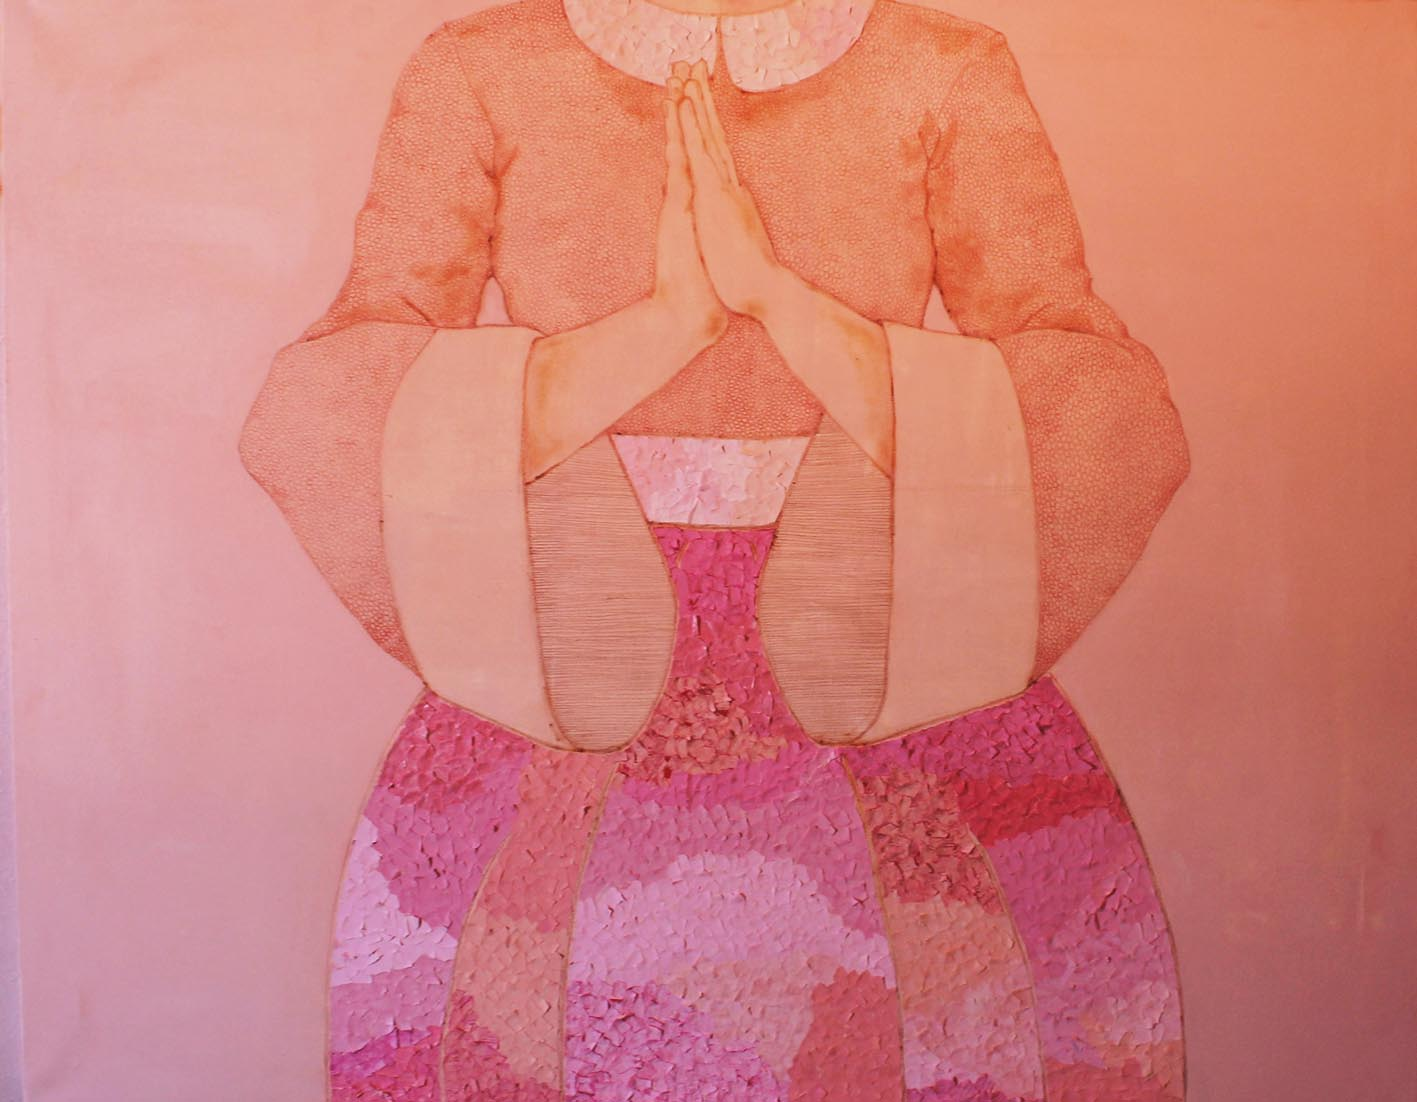 Mammina,  Acrilico, carta e matita colorata su tela, 70x100cm, 2013